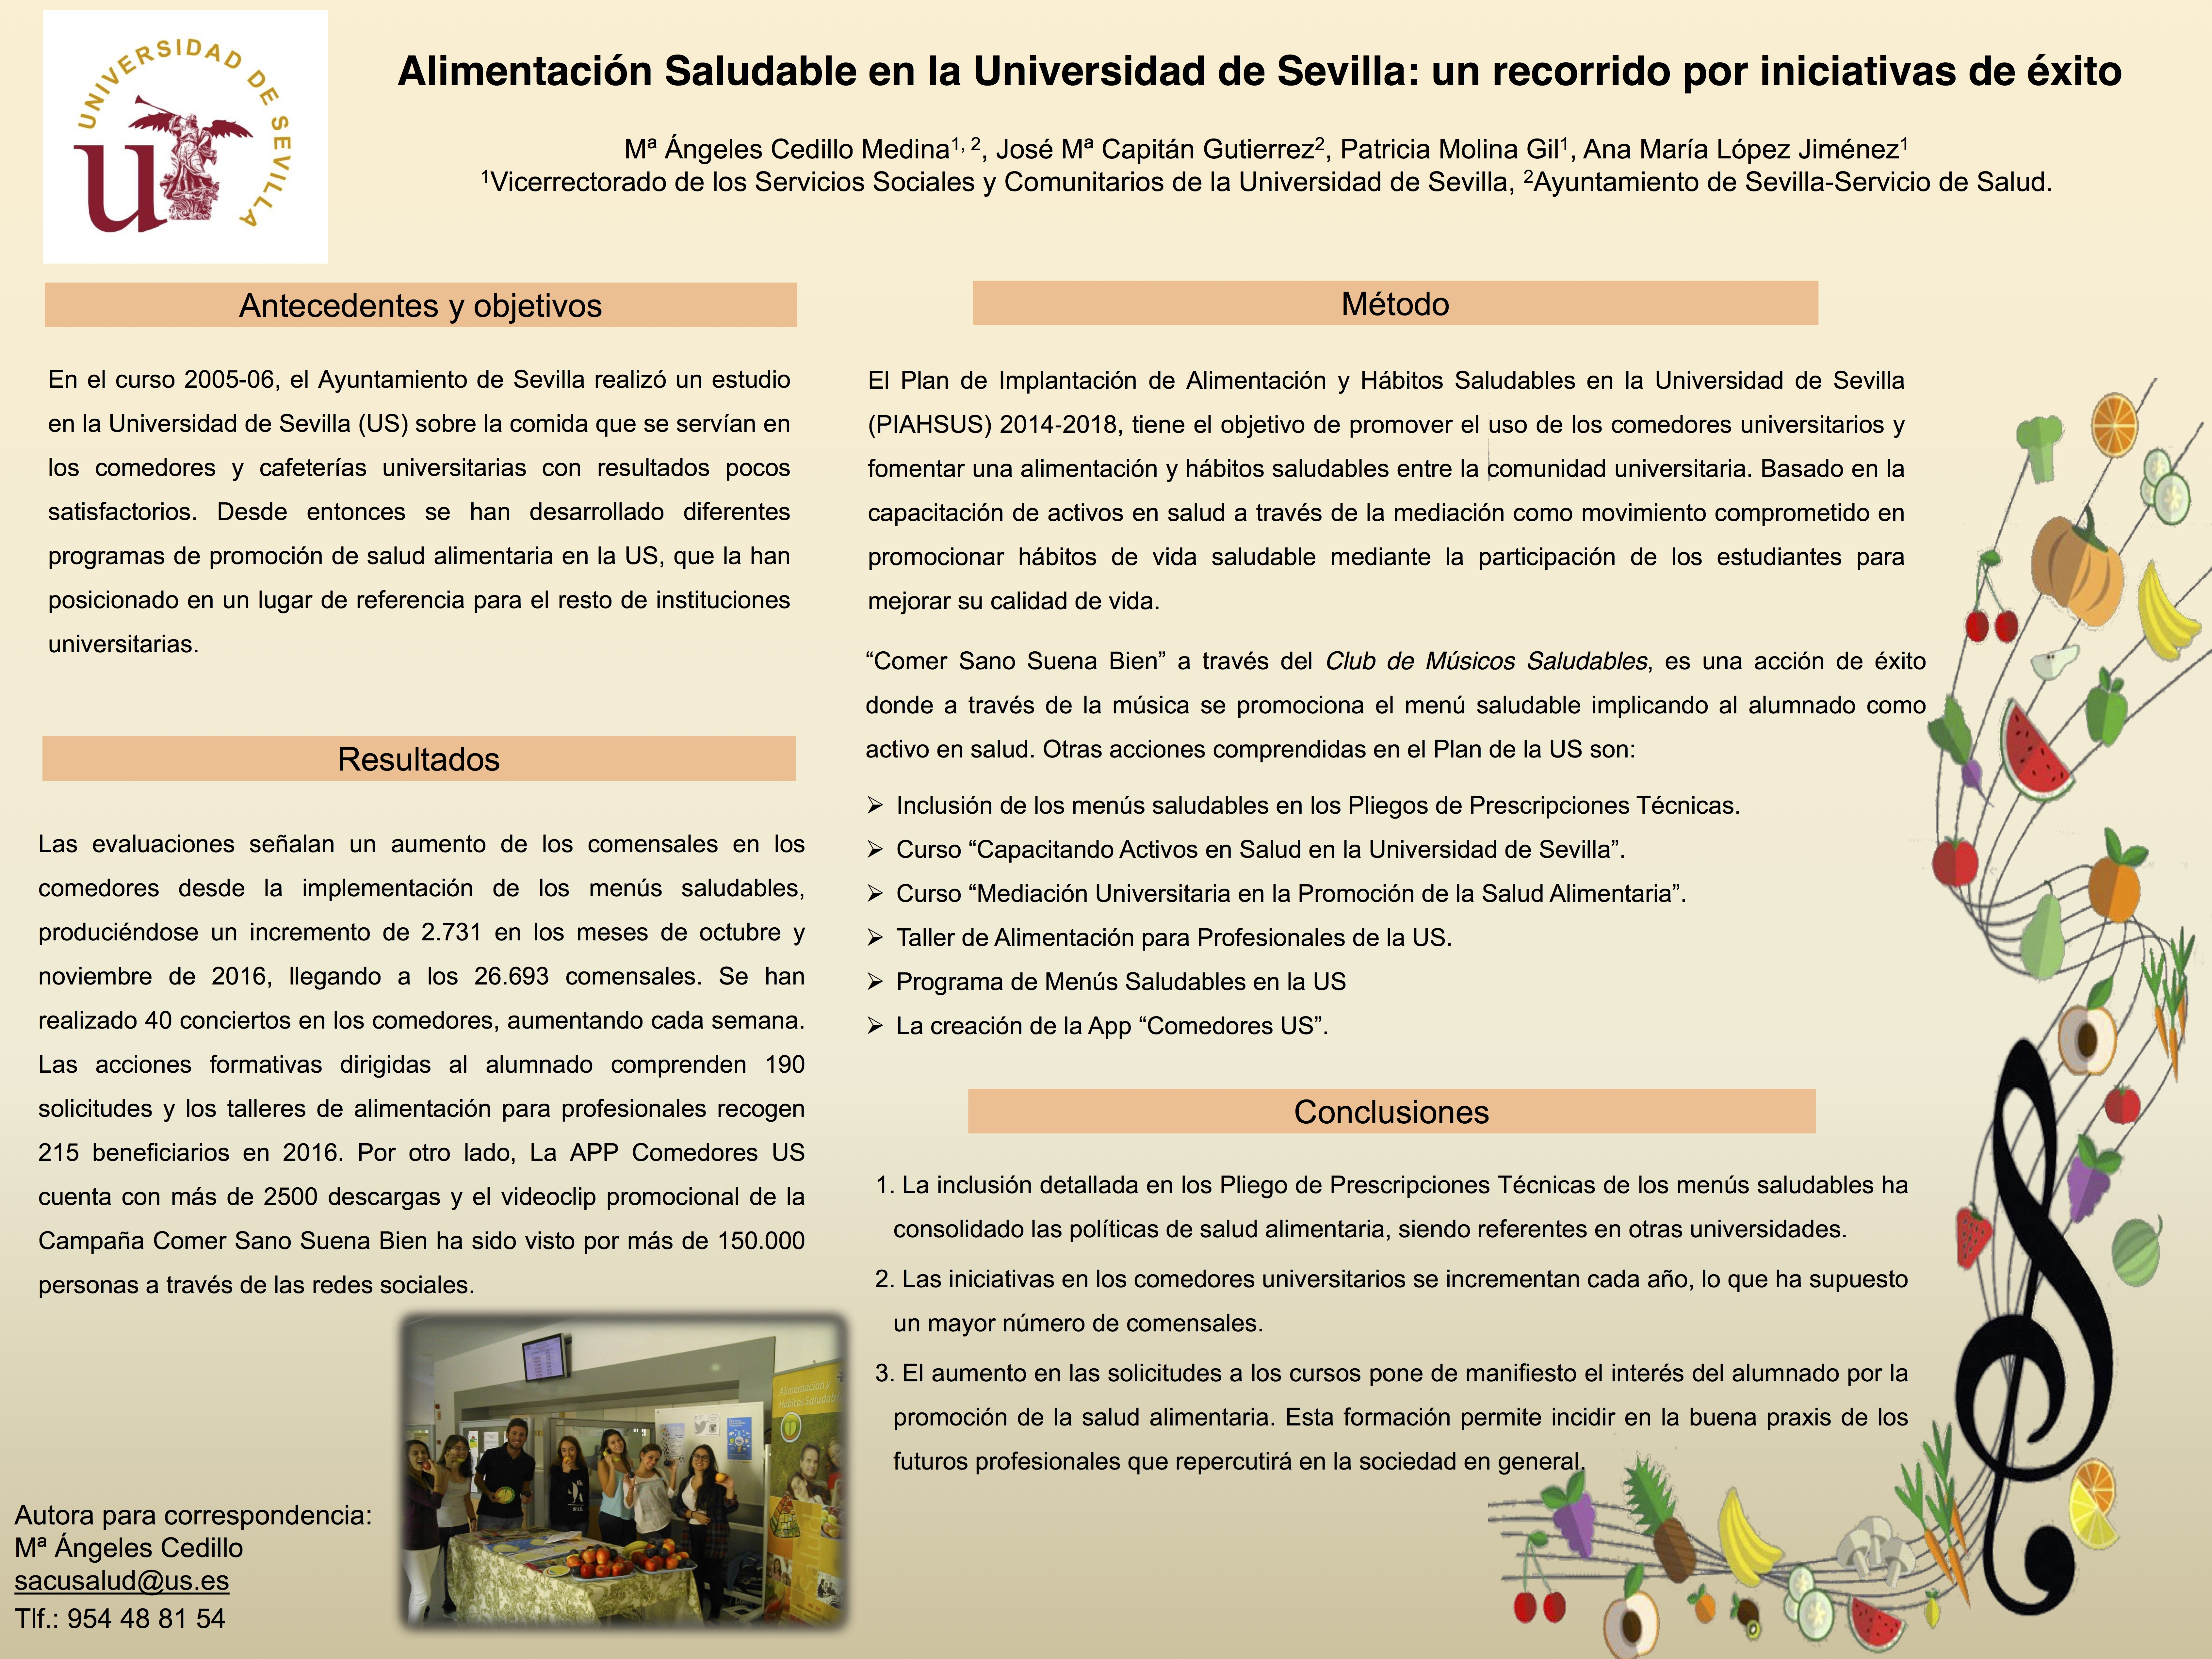 Alimentación Saludable en la Universidad de Sevilla: Un recorrido ...